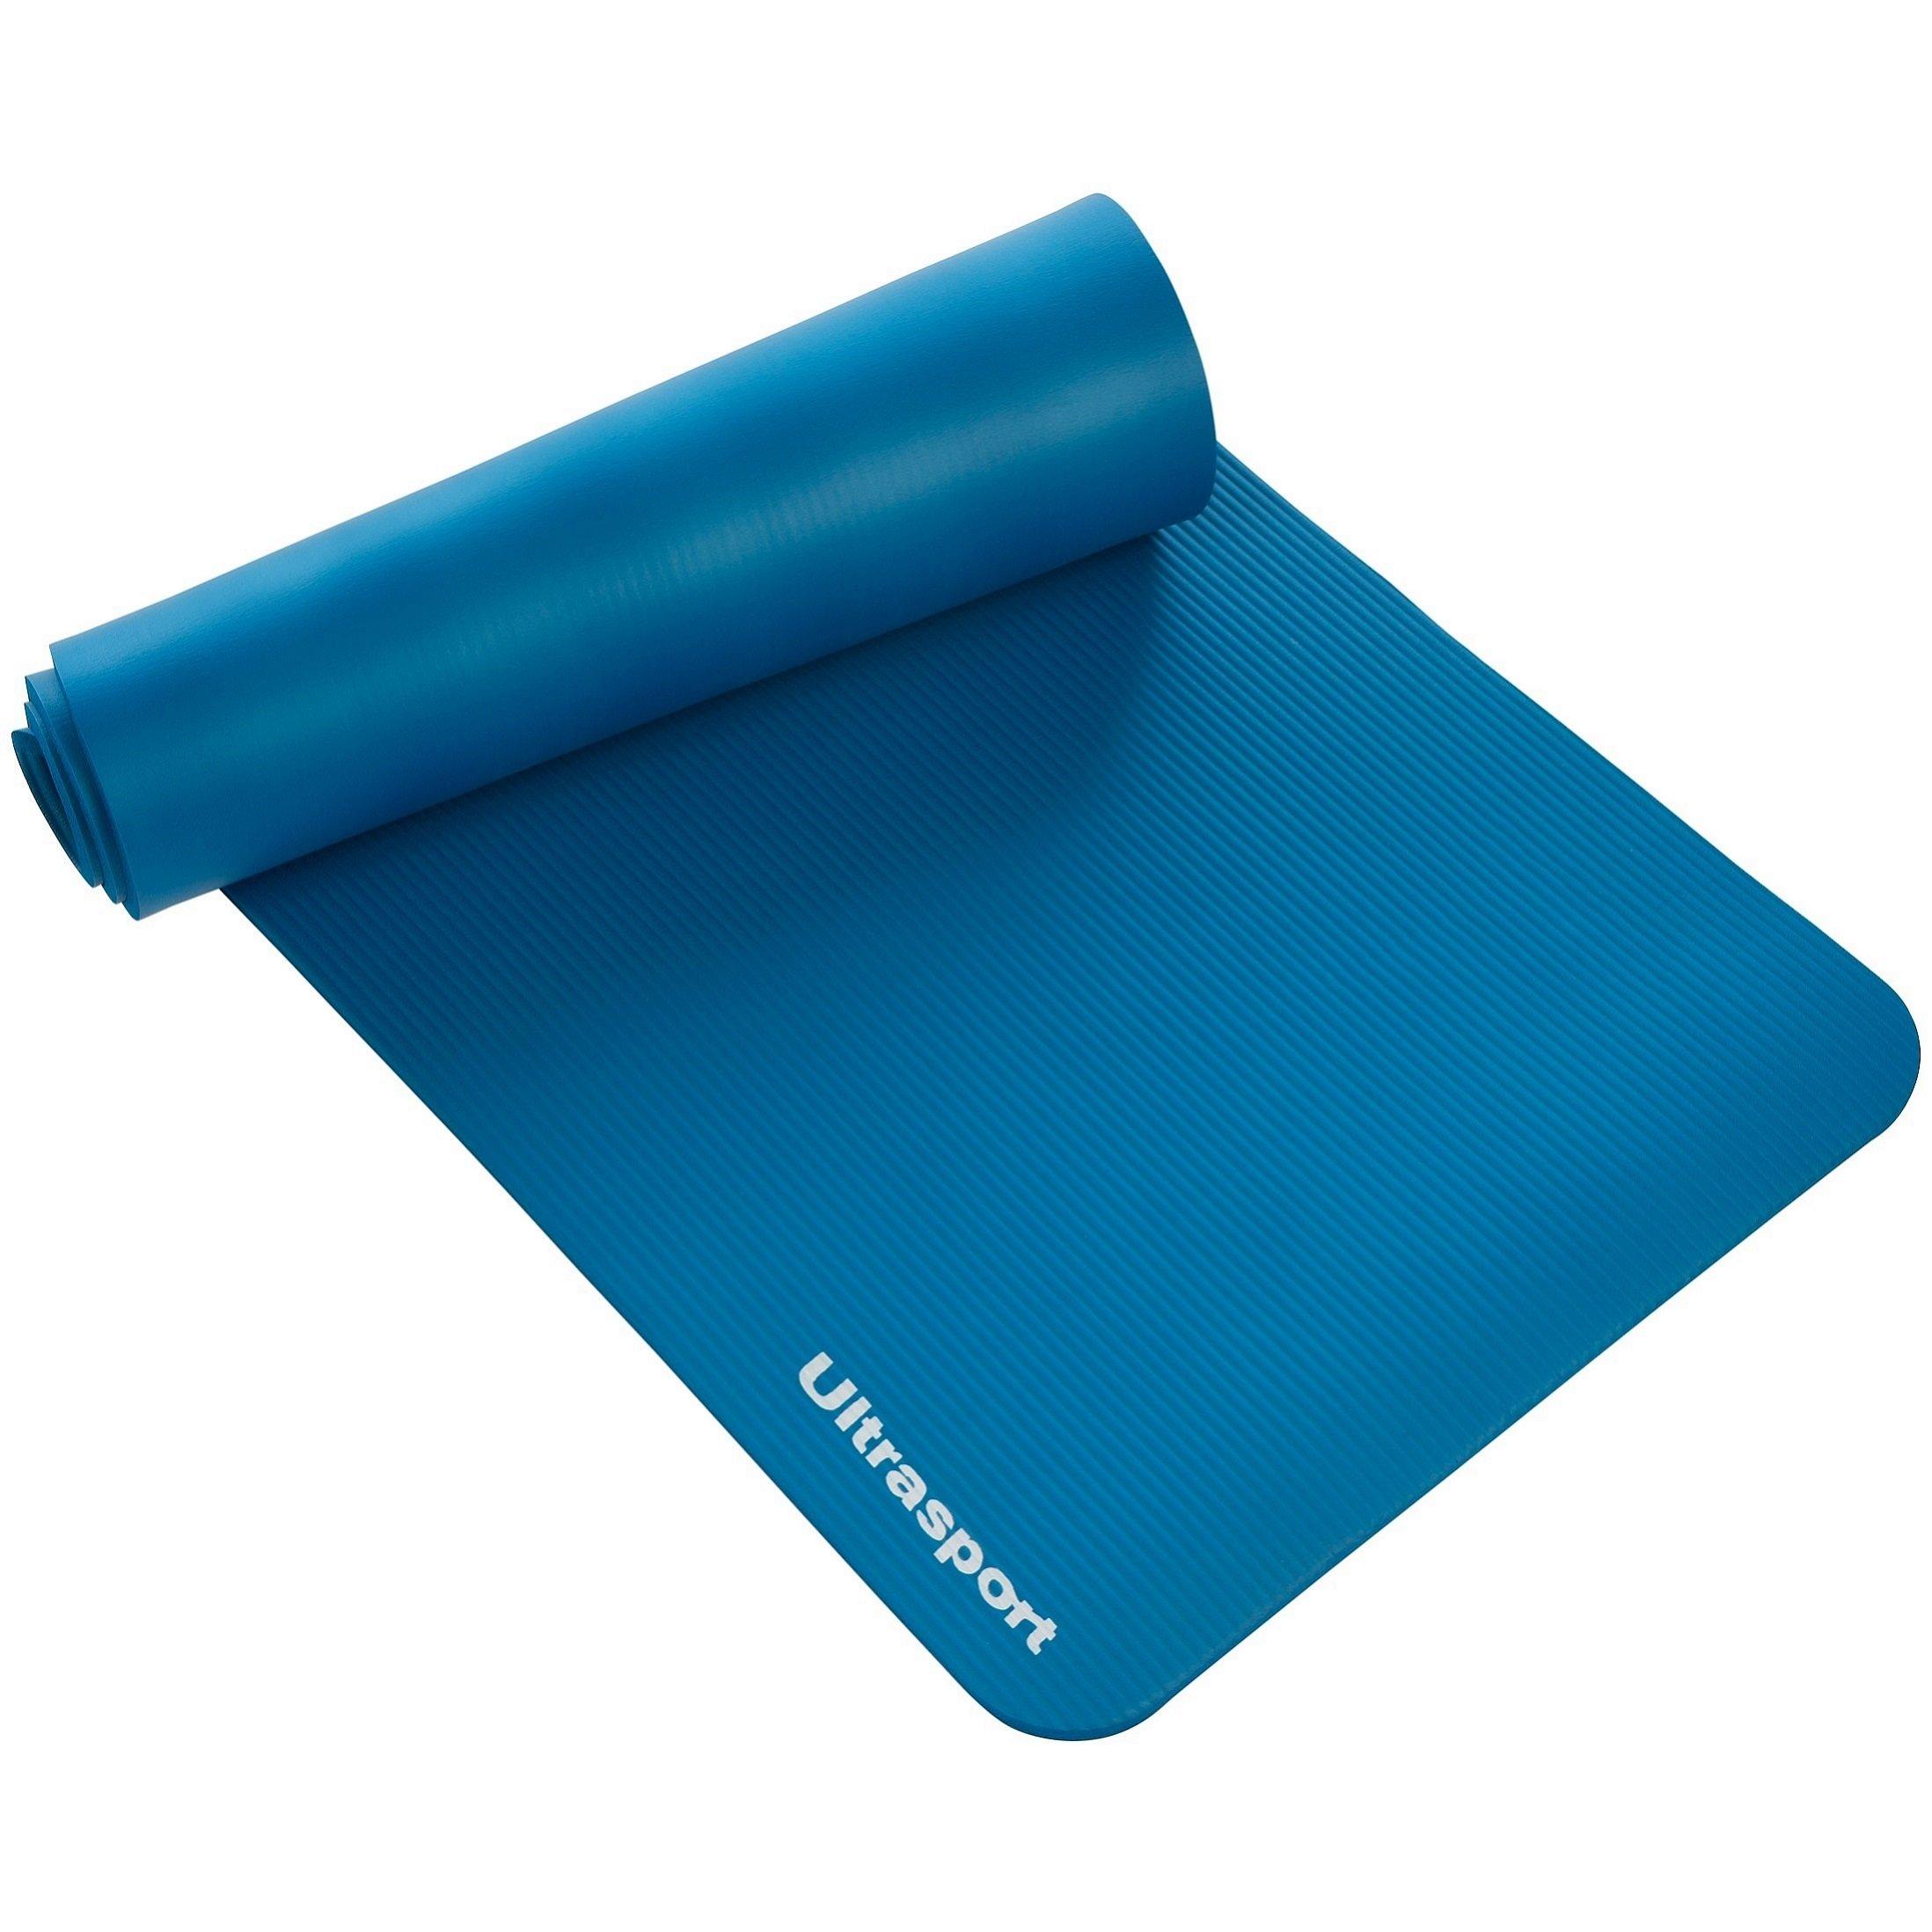 Ultrasport Esterilla de gimnasia, esterilla para deporte, esterilla de fitness para el entrenamiento, pilates, yoga, aerobic o masajes product image